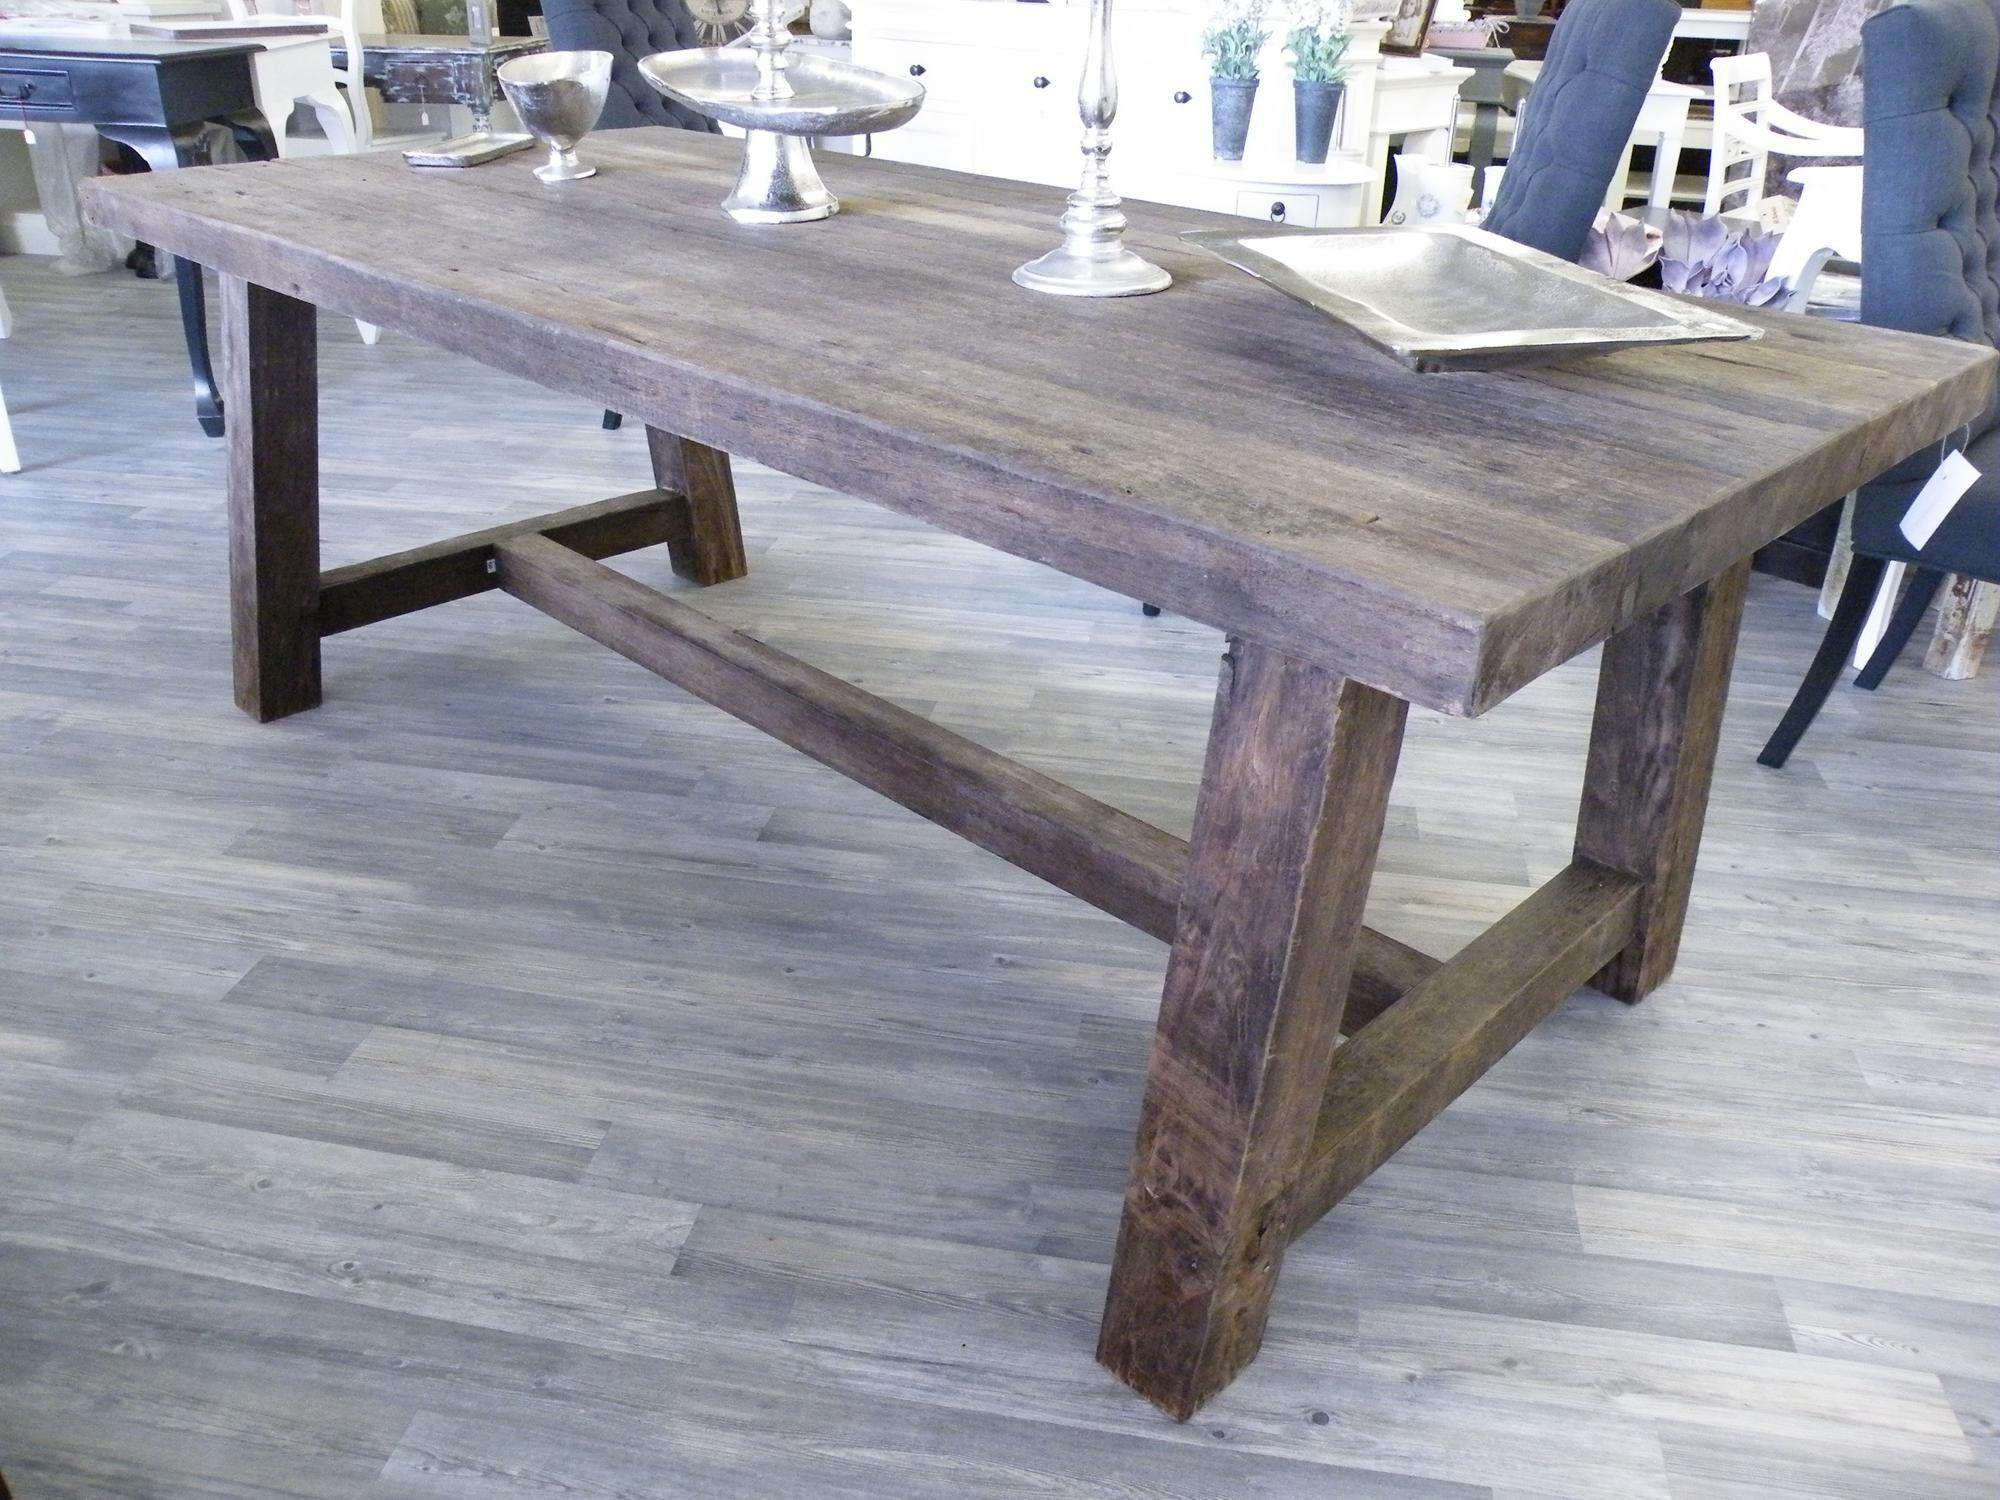 Esstisch Grigio Teak Teakholz Tisch Landhaus Landhausstil Rustikal Natur Massiv Neu Sitzmobel Tische Rustic Dining Table Dining Table Rustic Dining